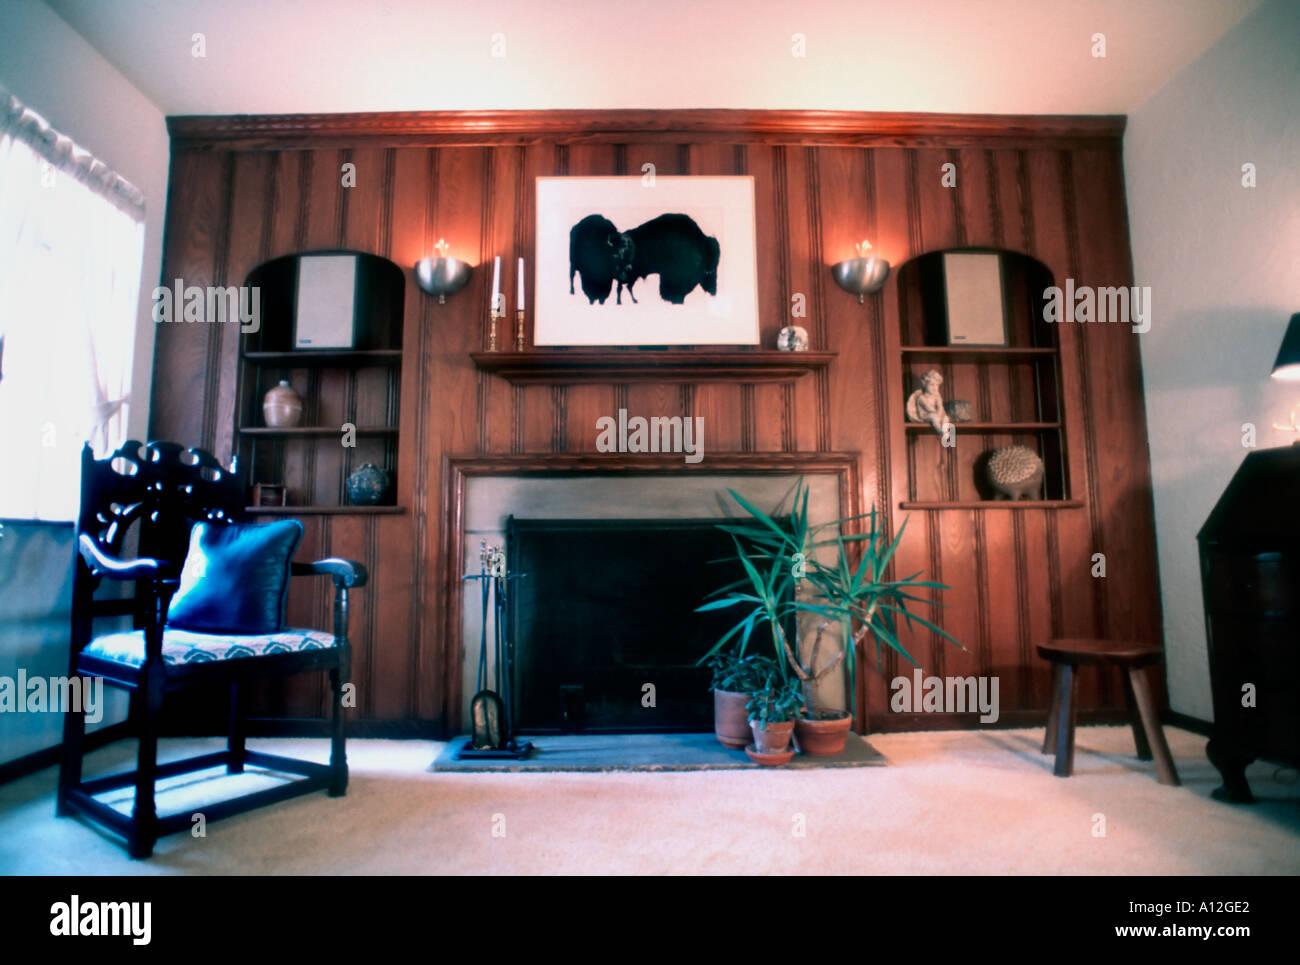 Amerikanisches wohnzimmer holzast deko fenster - Amerikanische deko ...